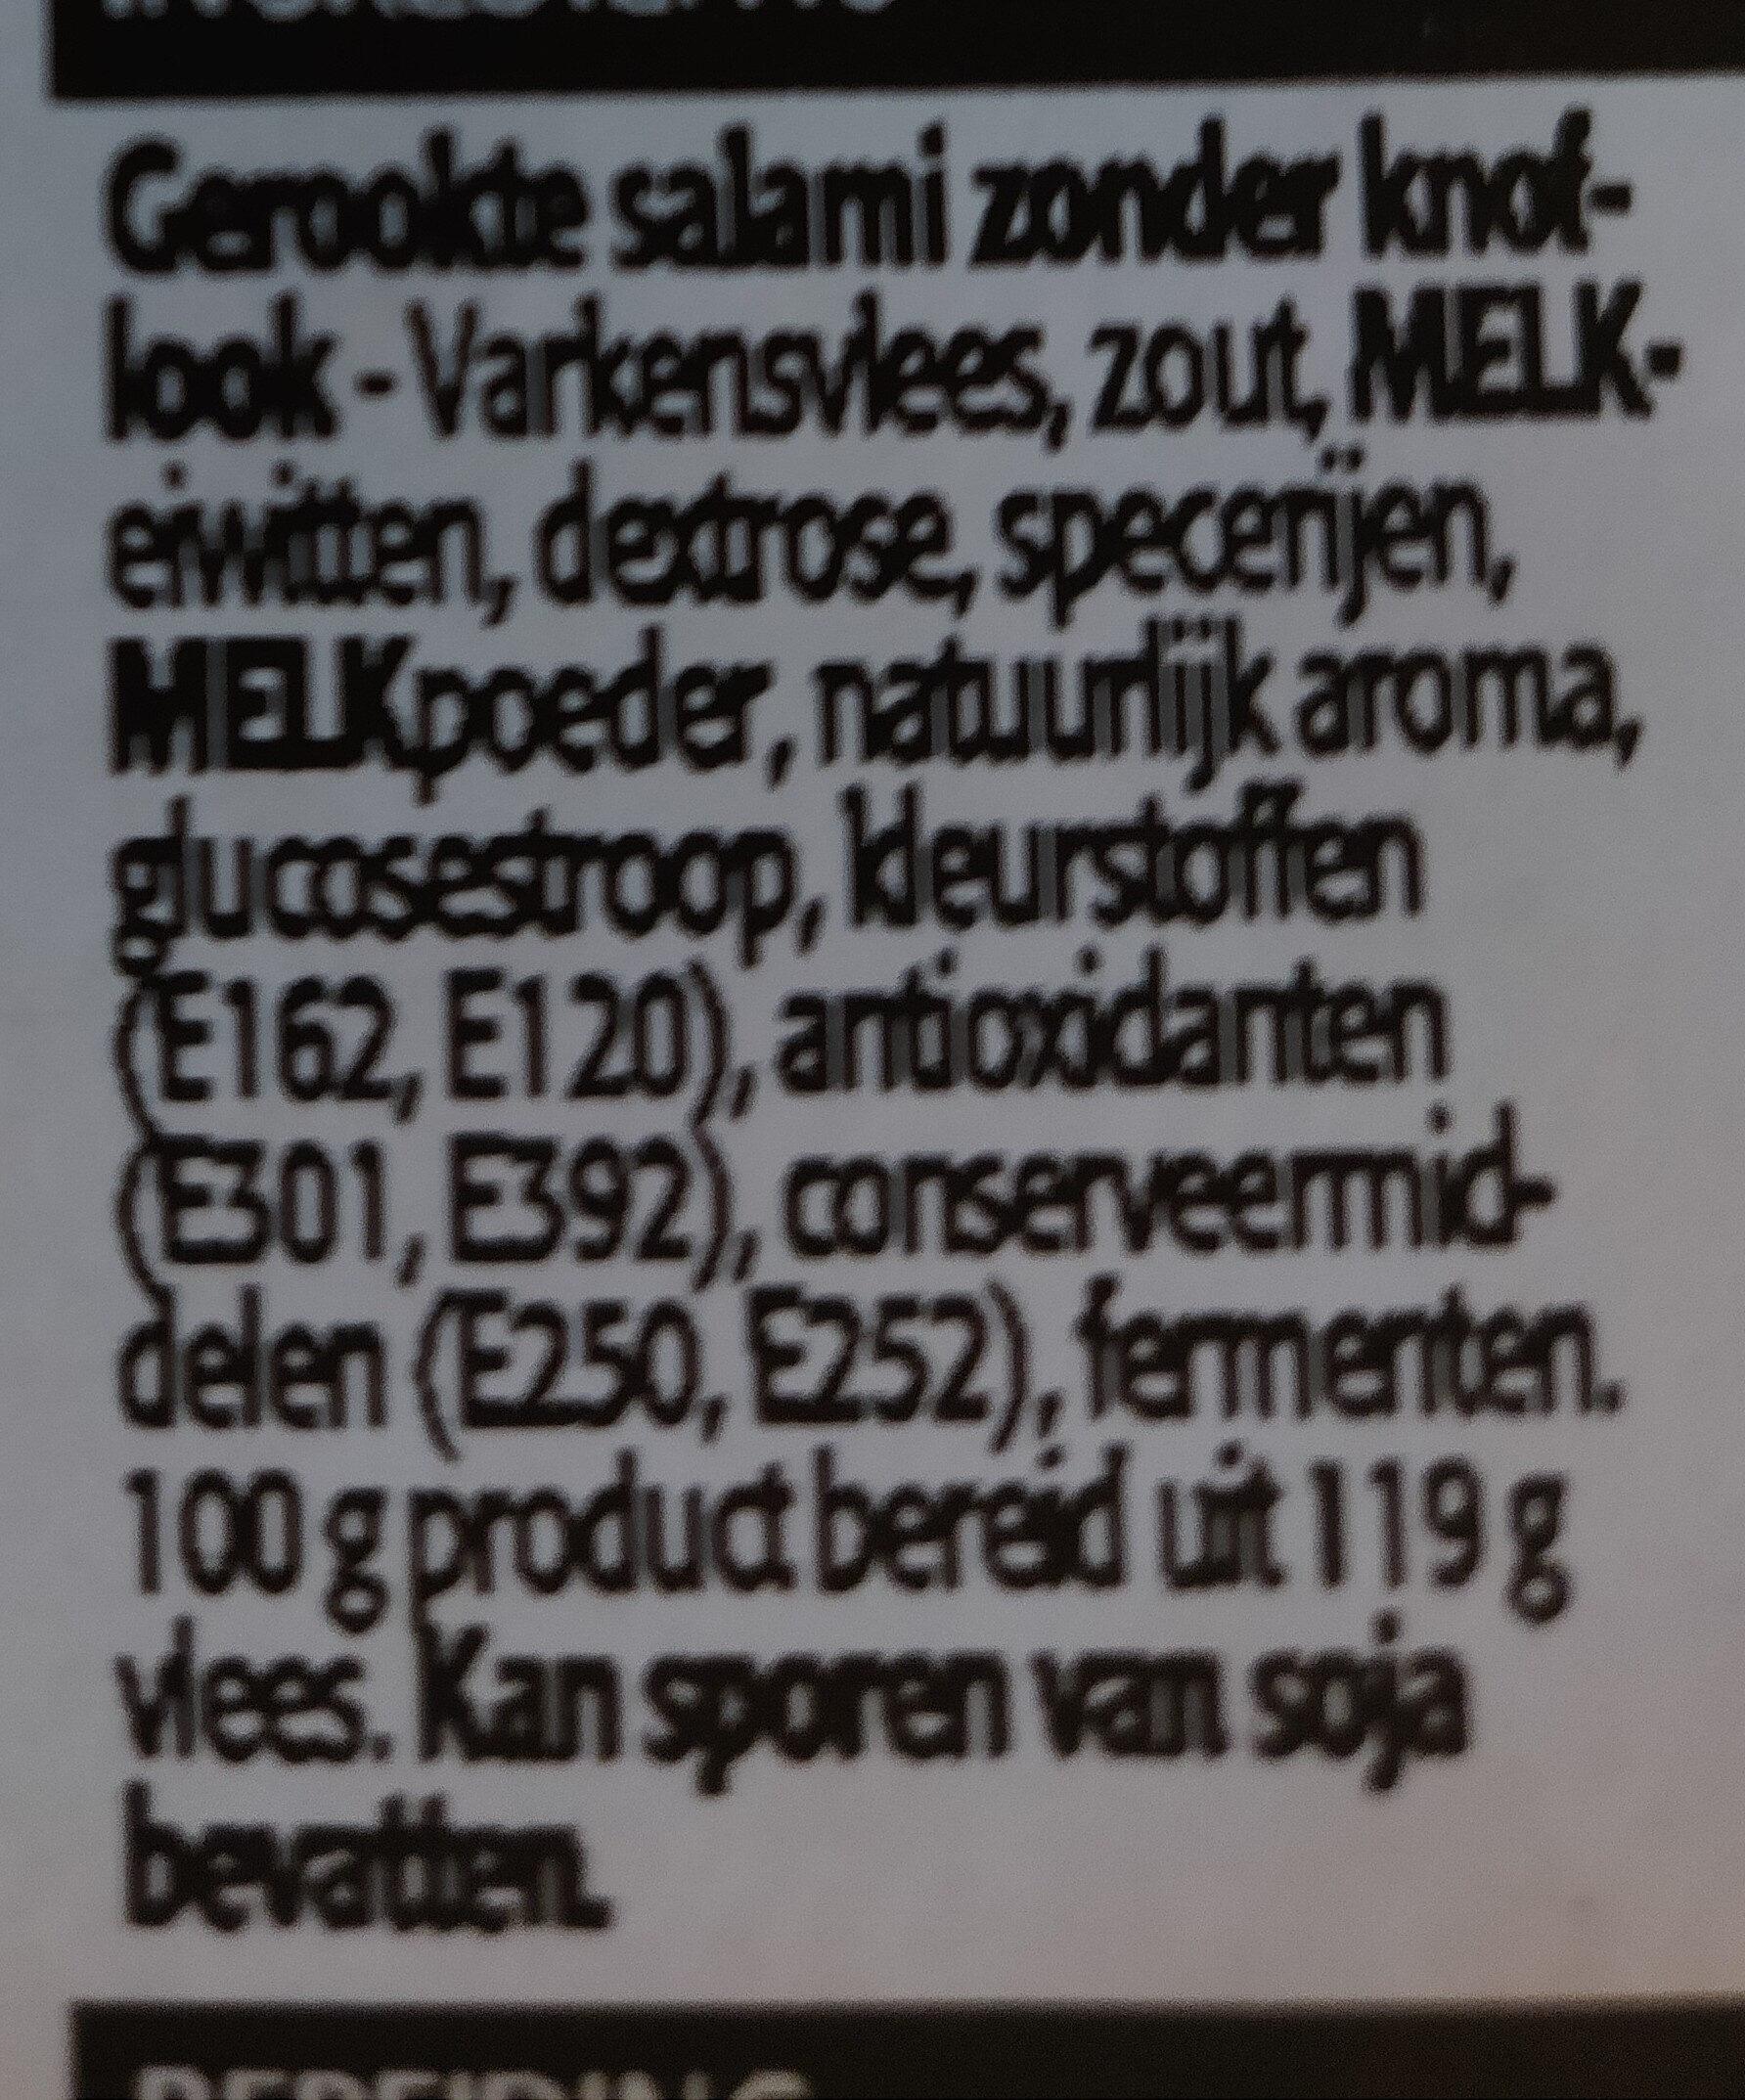 Salami sans ail - Ingrédients - nl